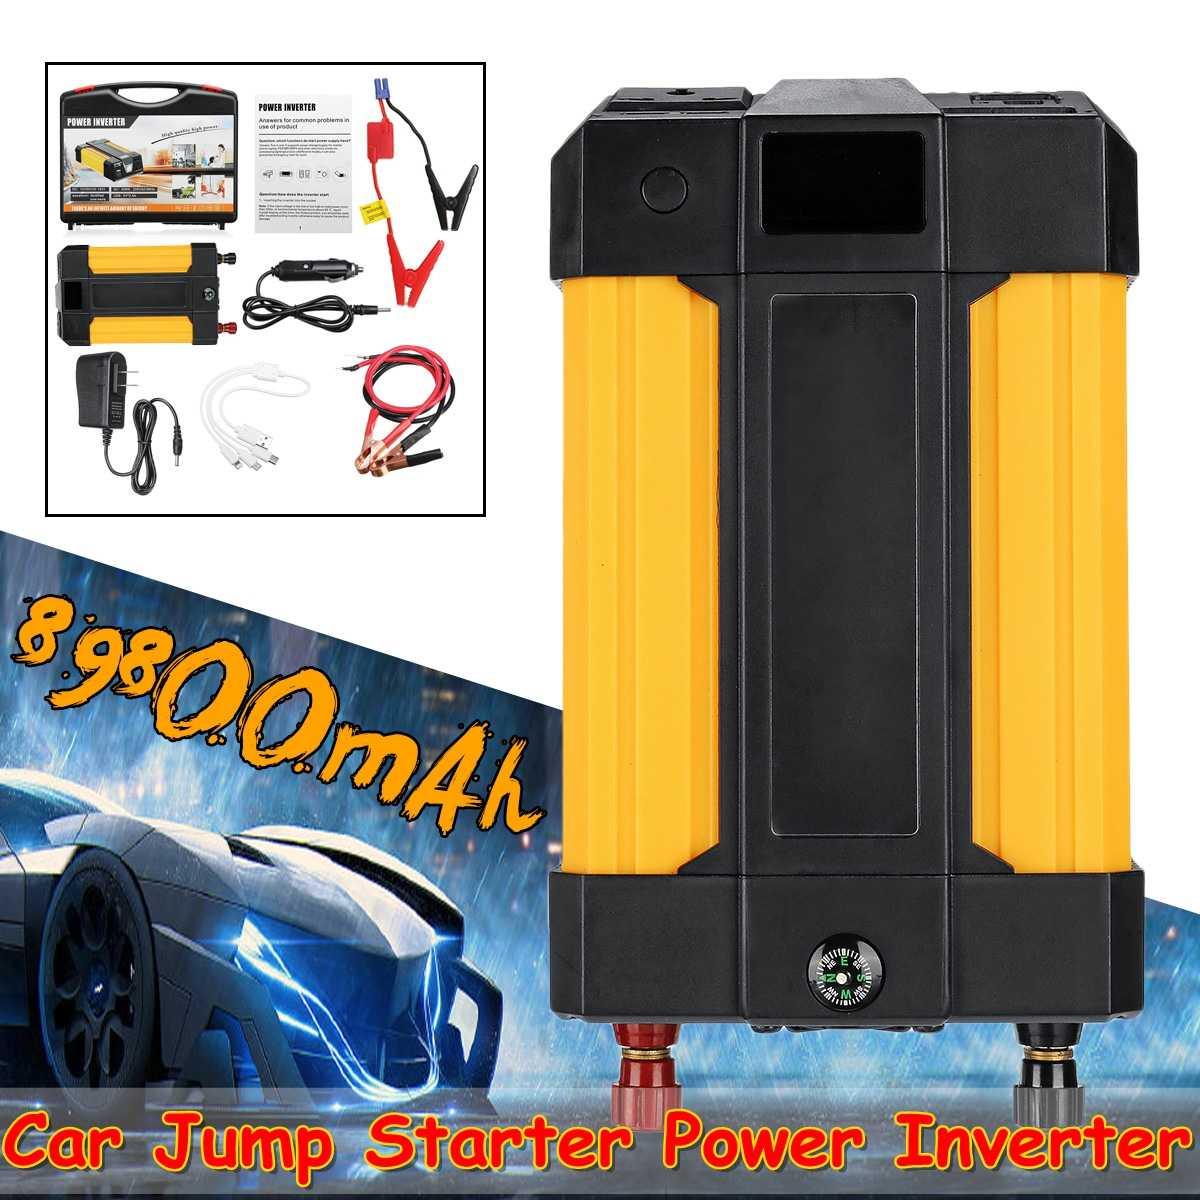 Haute capacité 89800 mAh démarrage dispositif Booster 12 V Portable voiture saut démarreur batterie externe voiture démarreur 400 W onduleur